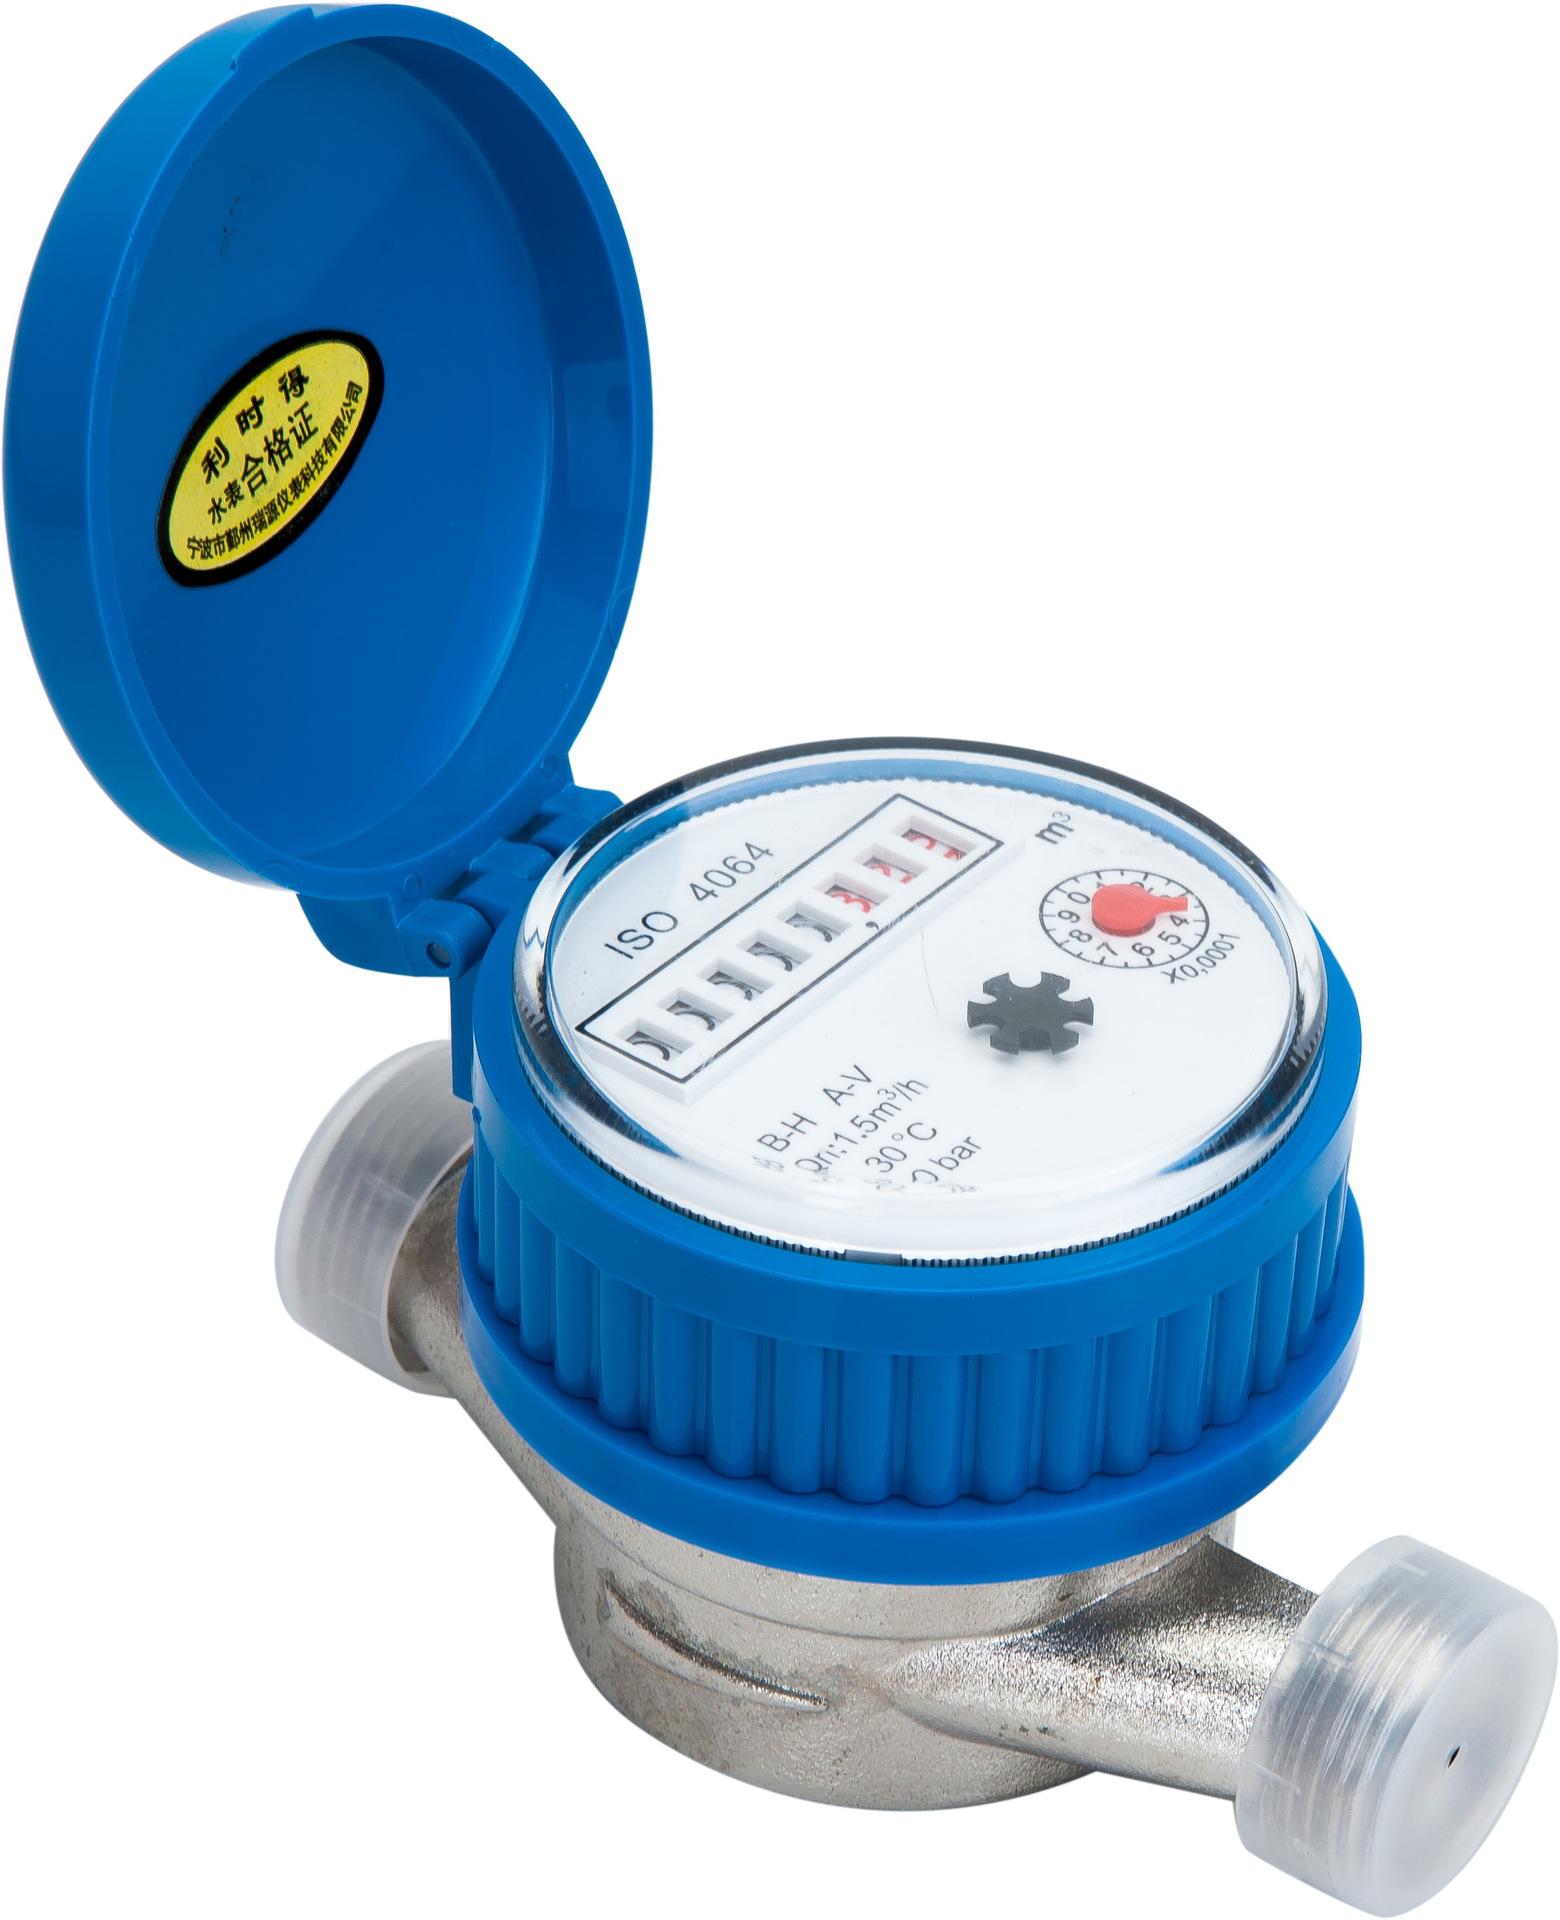 LISHIDE Single-flow meter Dry-type water meter Single-flow water meter Outlet water meter Remote wat